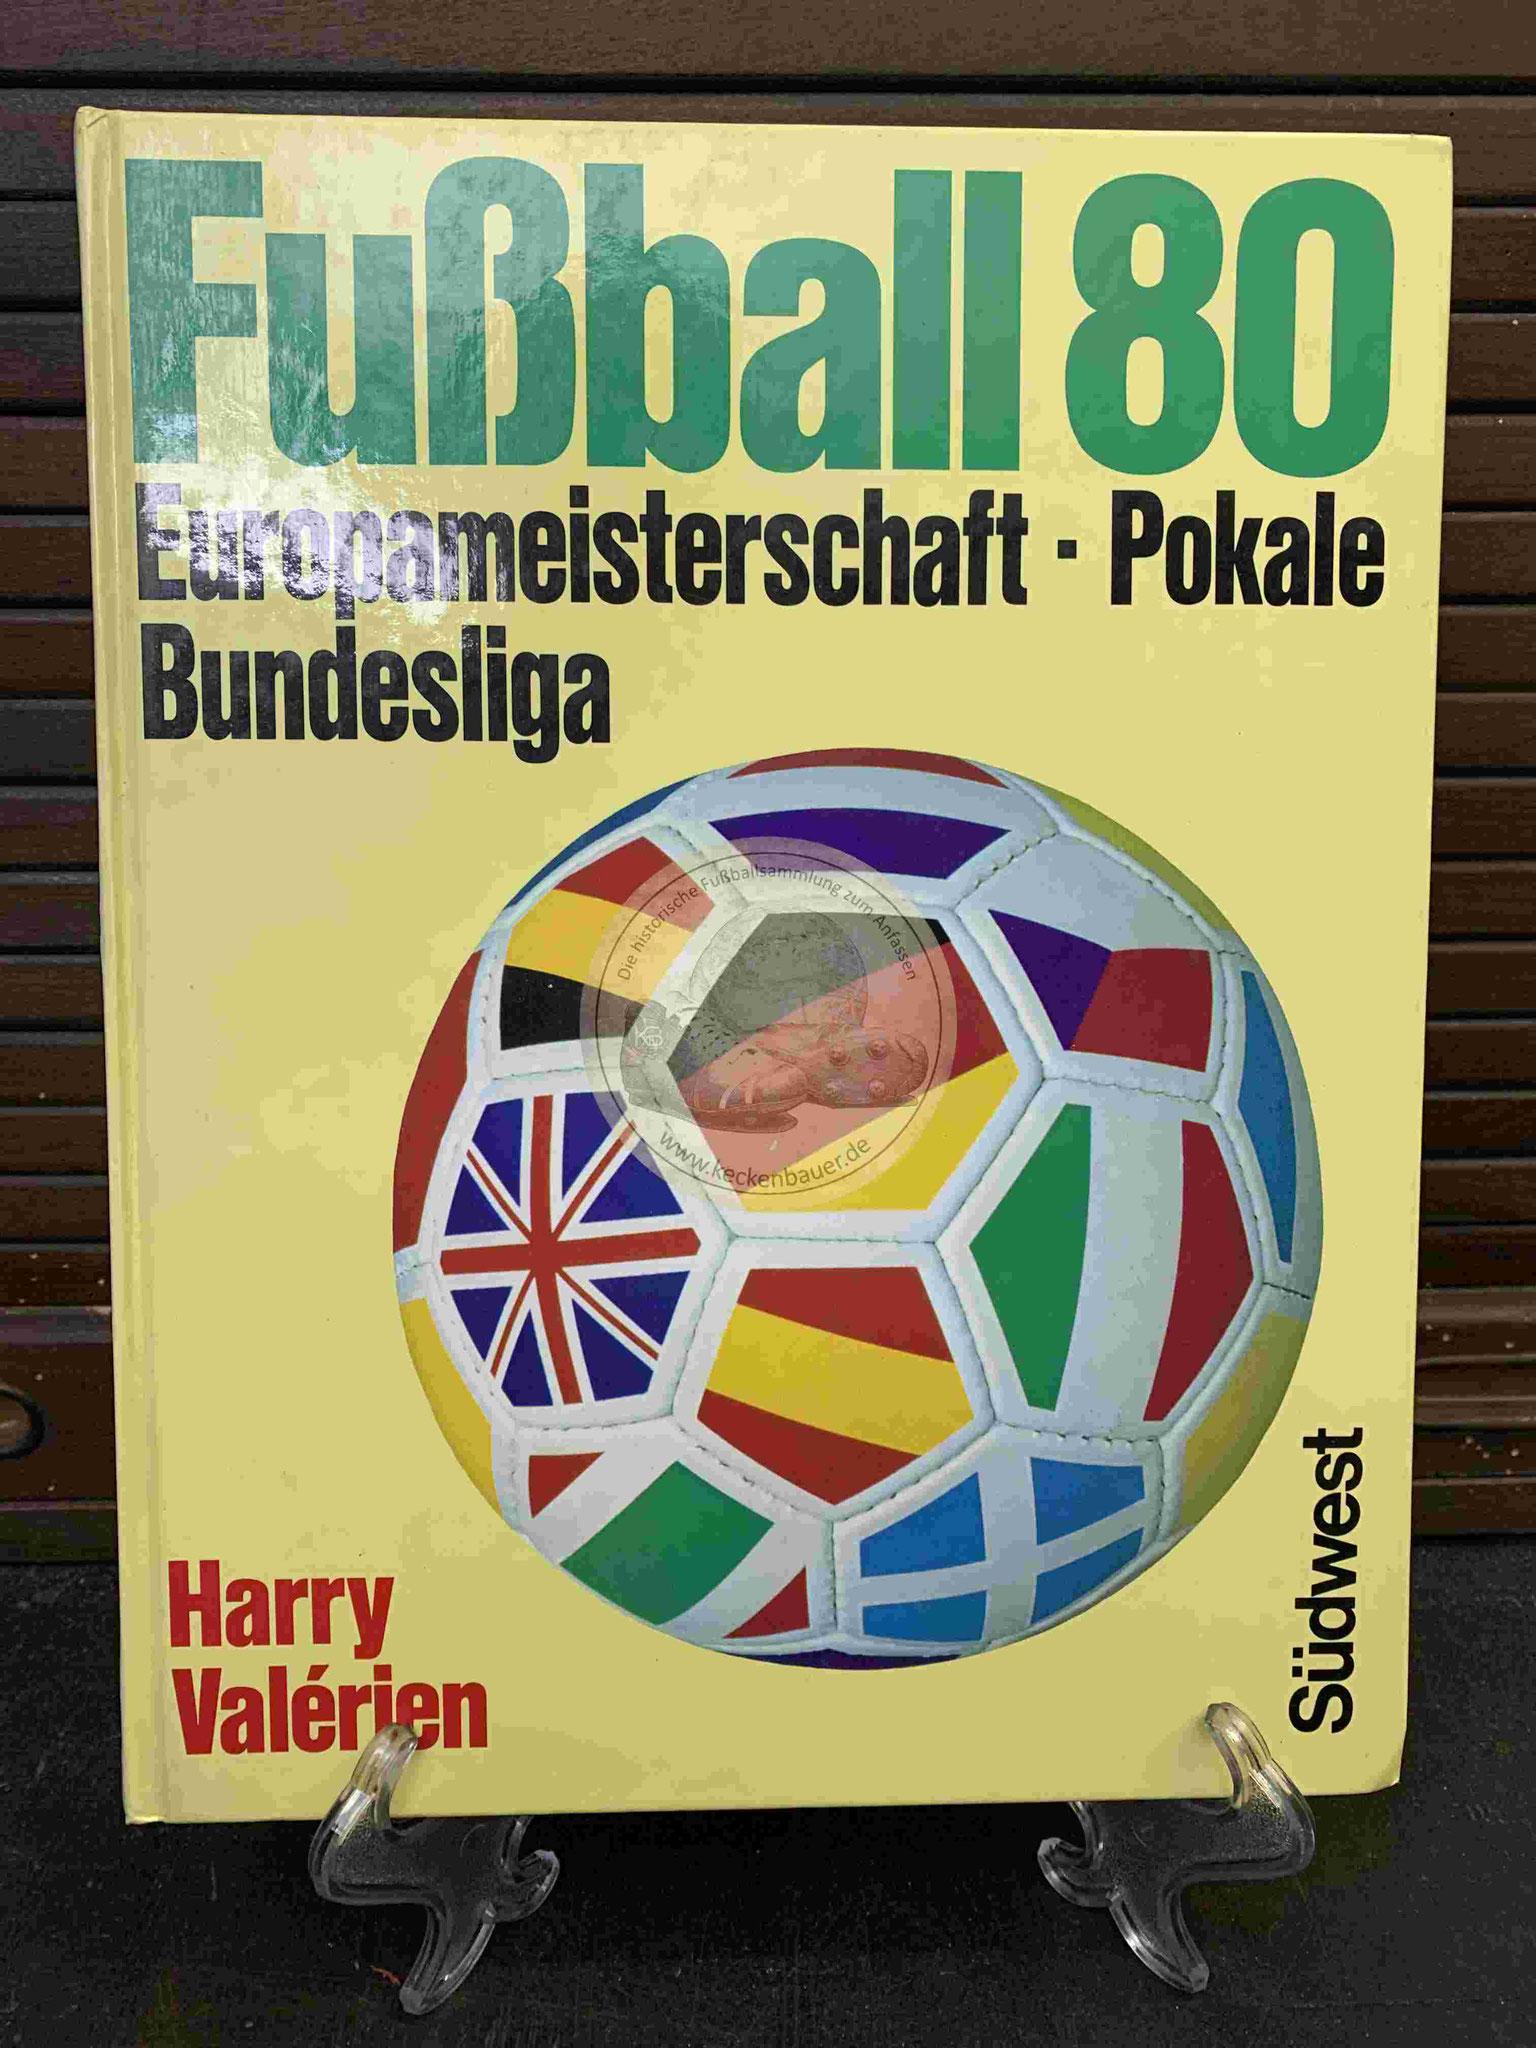 Harry Valerien Fußball 80 aus dem Jahr 1980